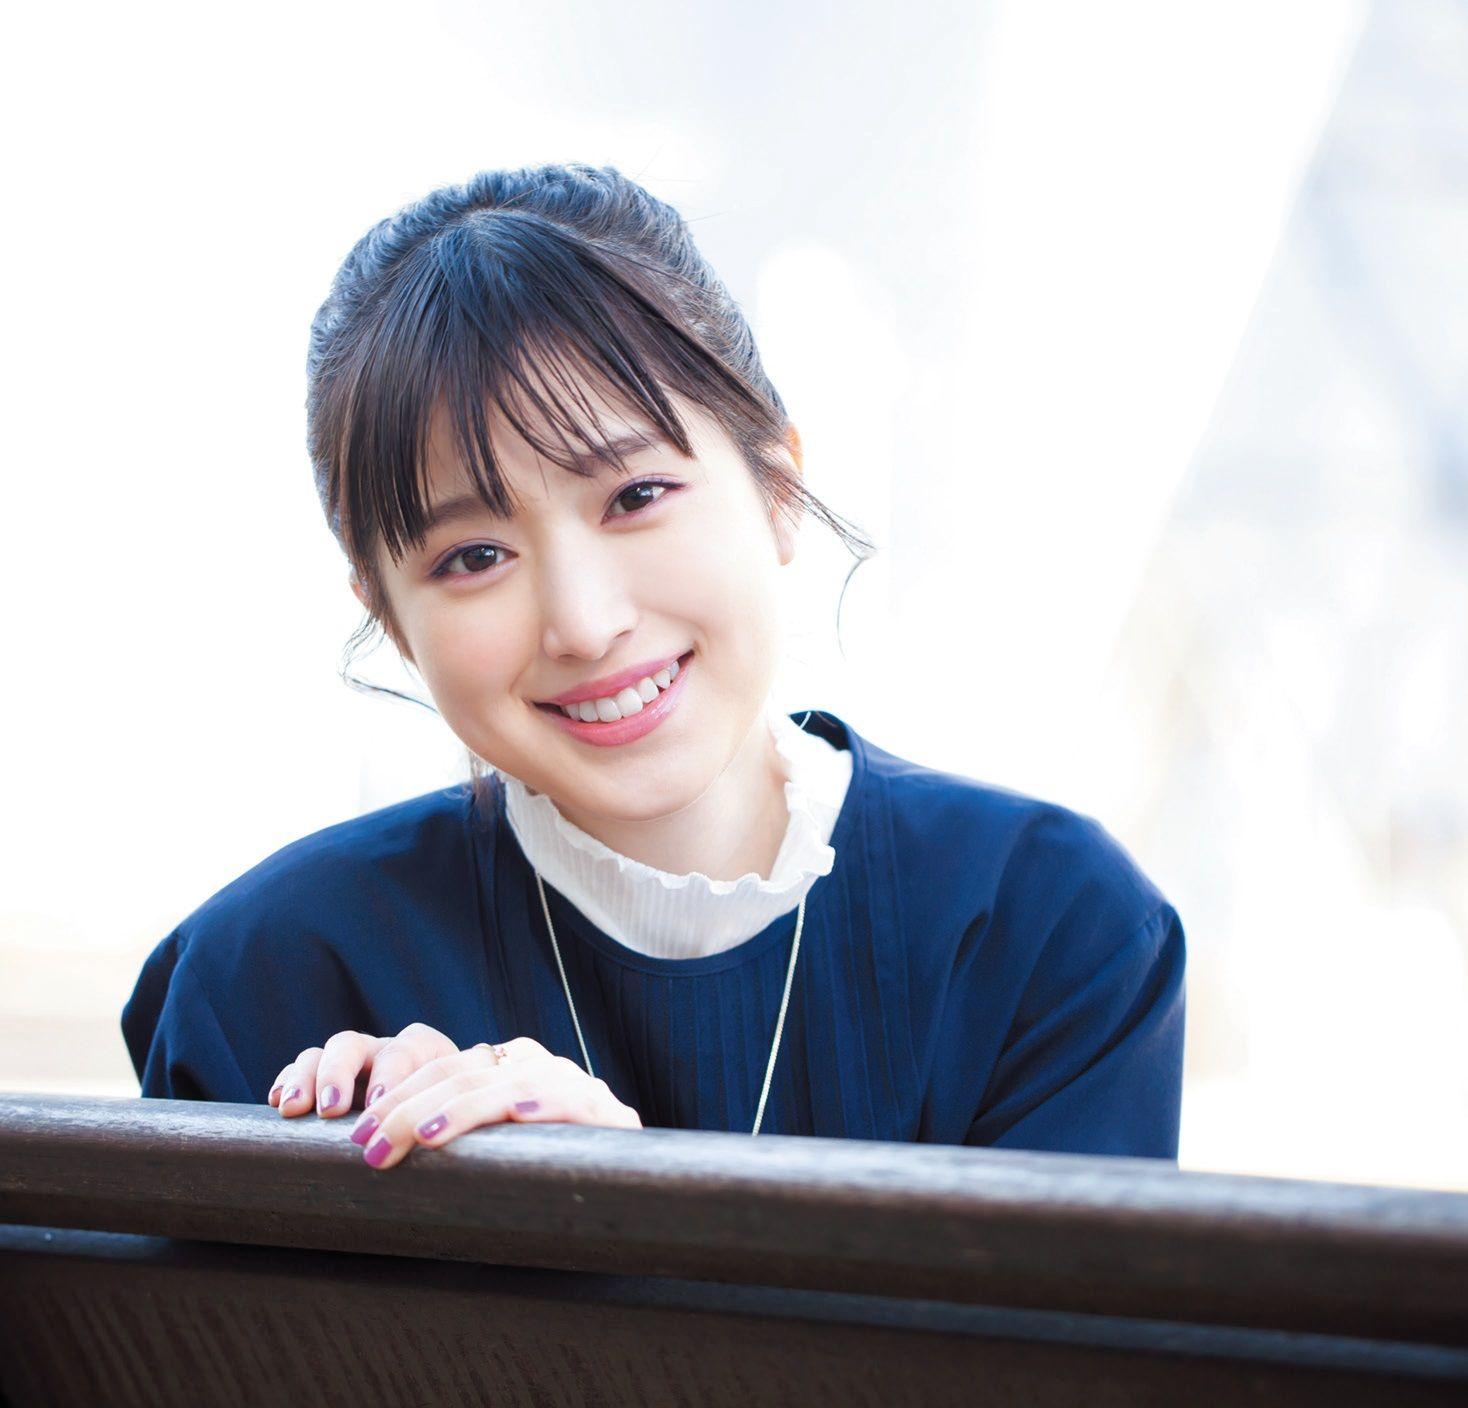 今 注目の女の子を紹介する Anan で連載中の イットガール 今回は女優の福本莉子さんです 福原 莉子 女優